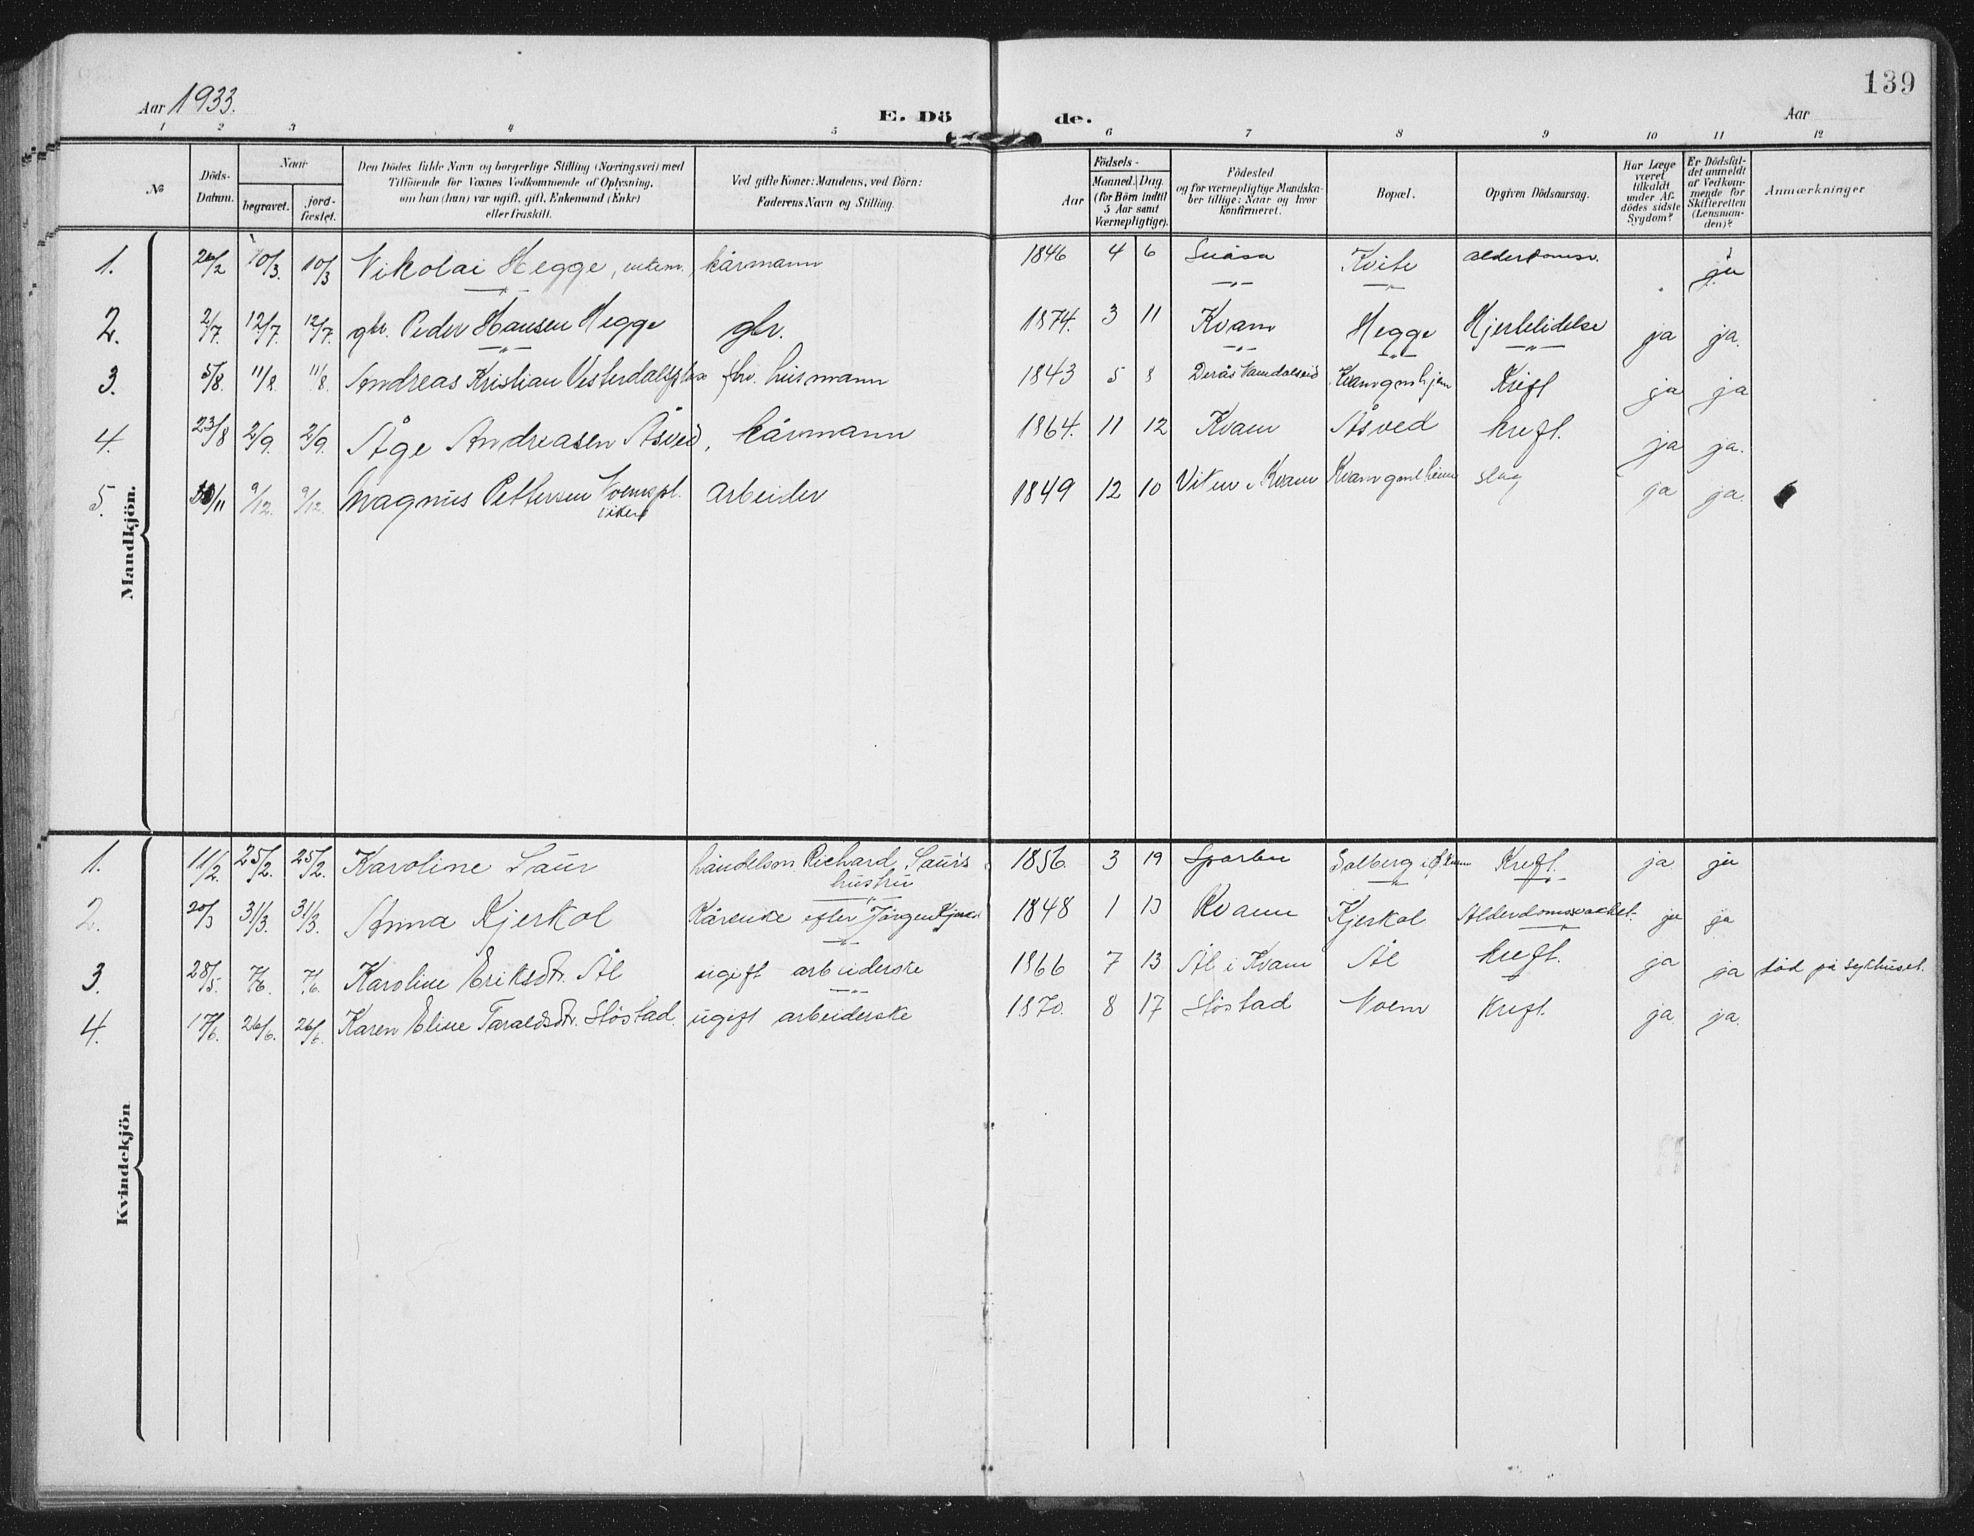 SAT, Ministerialprotokoller, klokkerbøker og fødselsregistre - Nord-Trøndelag, 747/L0460: Klokkerbok nr. 747C02, 1908-1939, s. 139